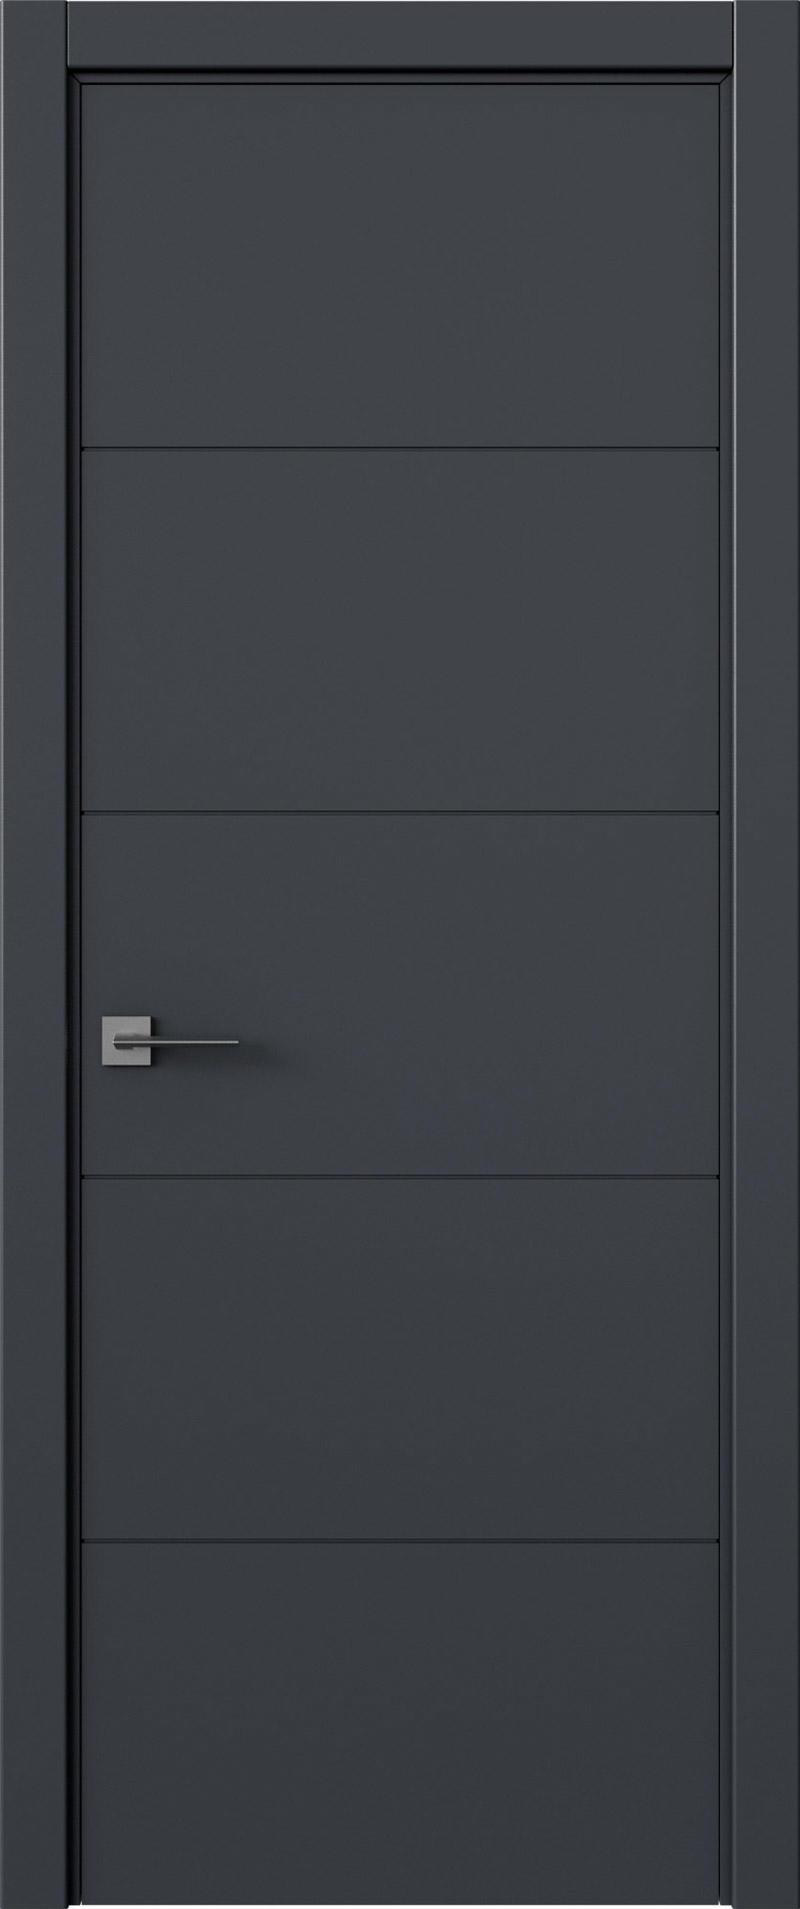 Tivoli Д-2 цвет - Графитово-серая эмаль (RAL 7024) Без стекла (ДГ)